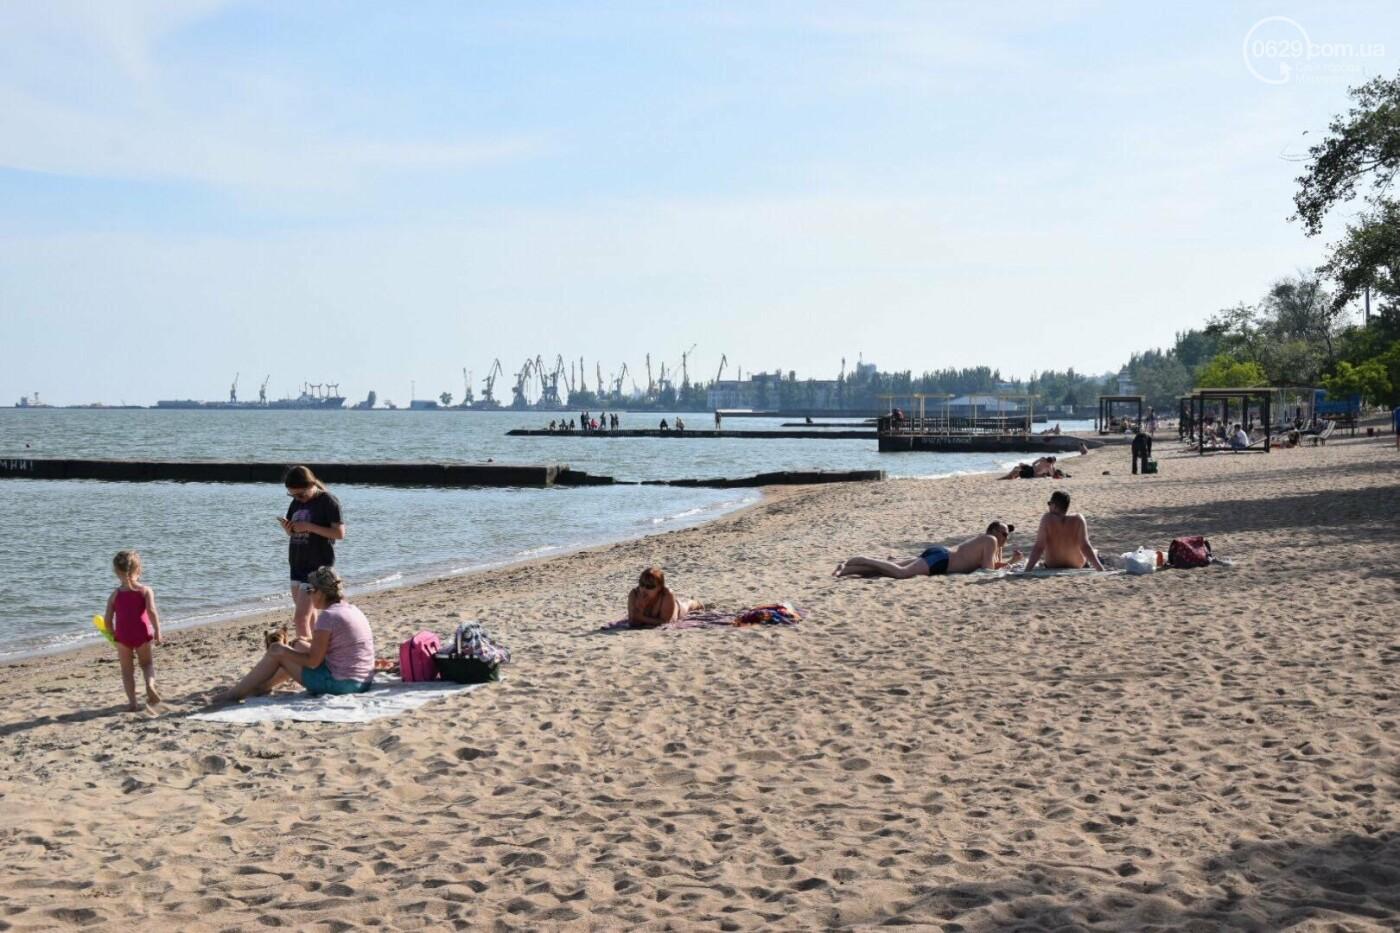 В Мариуполе открылся пляжный сезон, - ФОТОРЕПОРТАЖ, фото-25